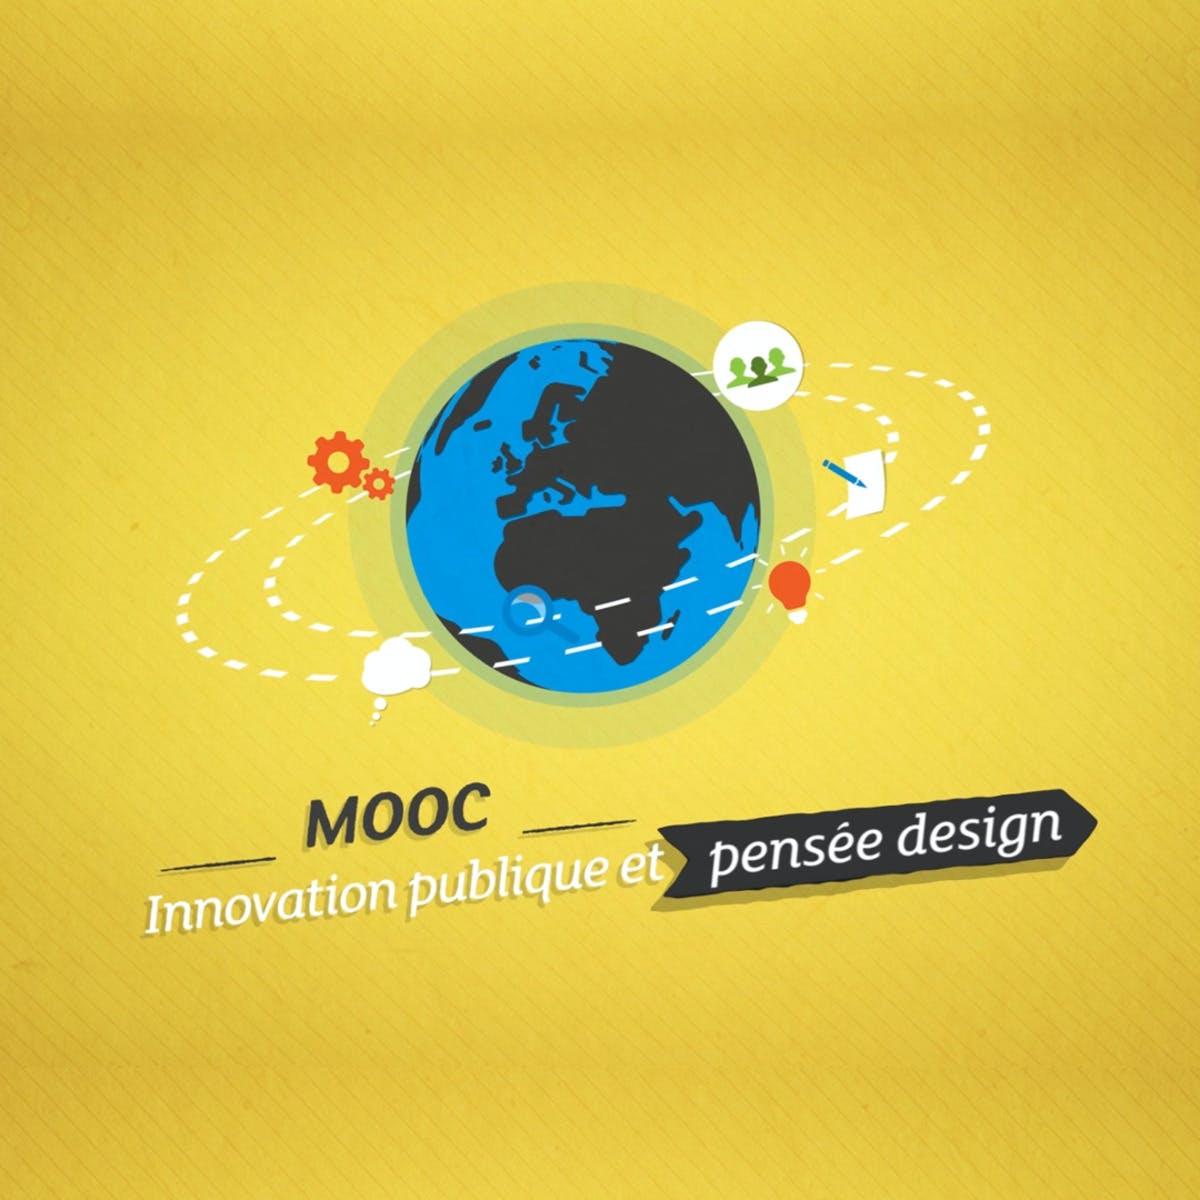 Innovation publique et pensée design, l'innovation sociale au service des territoires